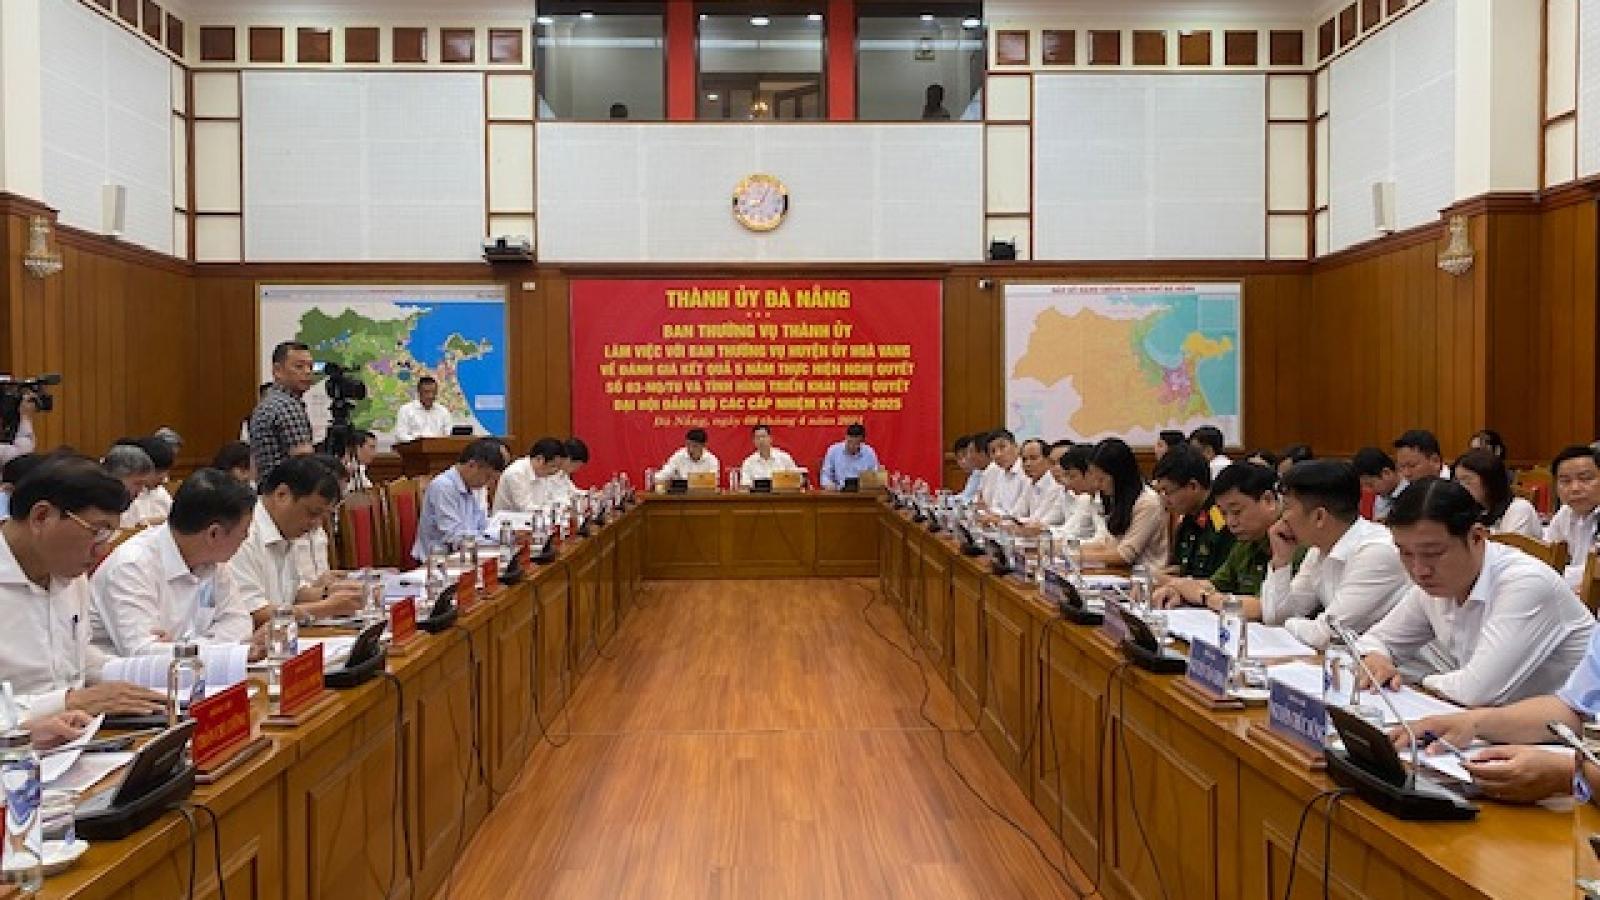 Đà Nẵng điều chỉnh nhiệm vụ, xây dựng huyện Hòa Vang lên thị xã vào năm 2025